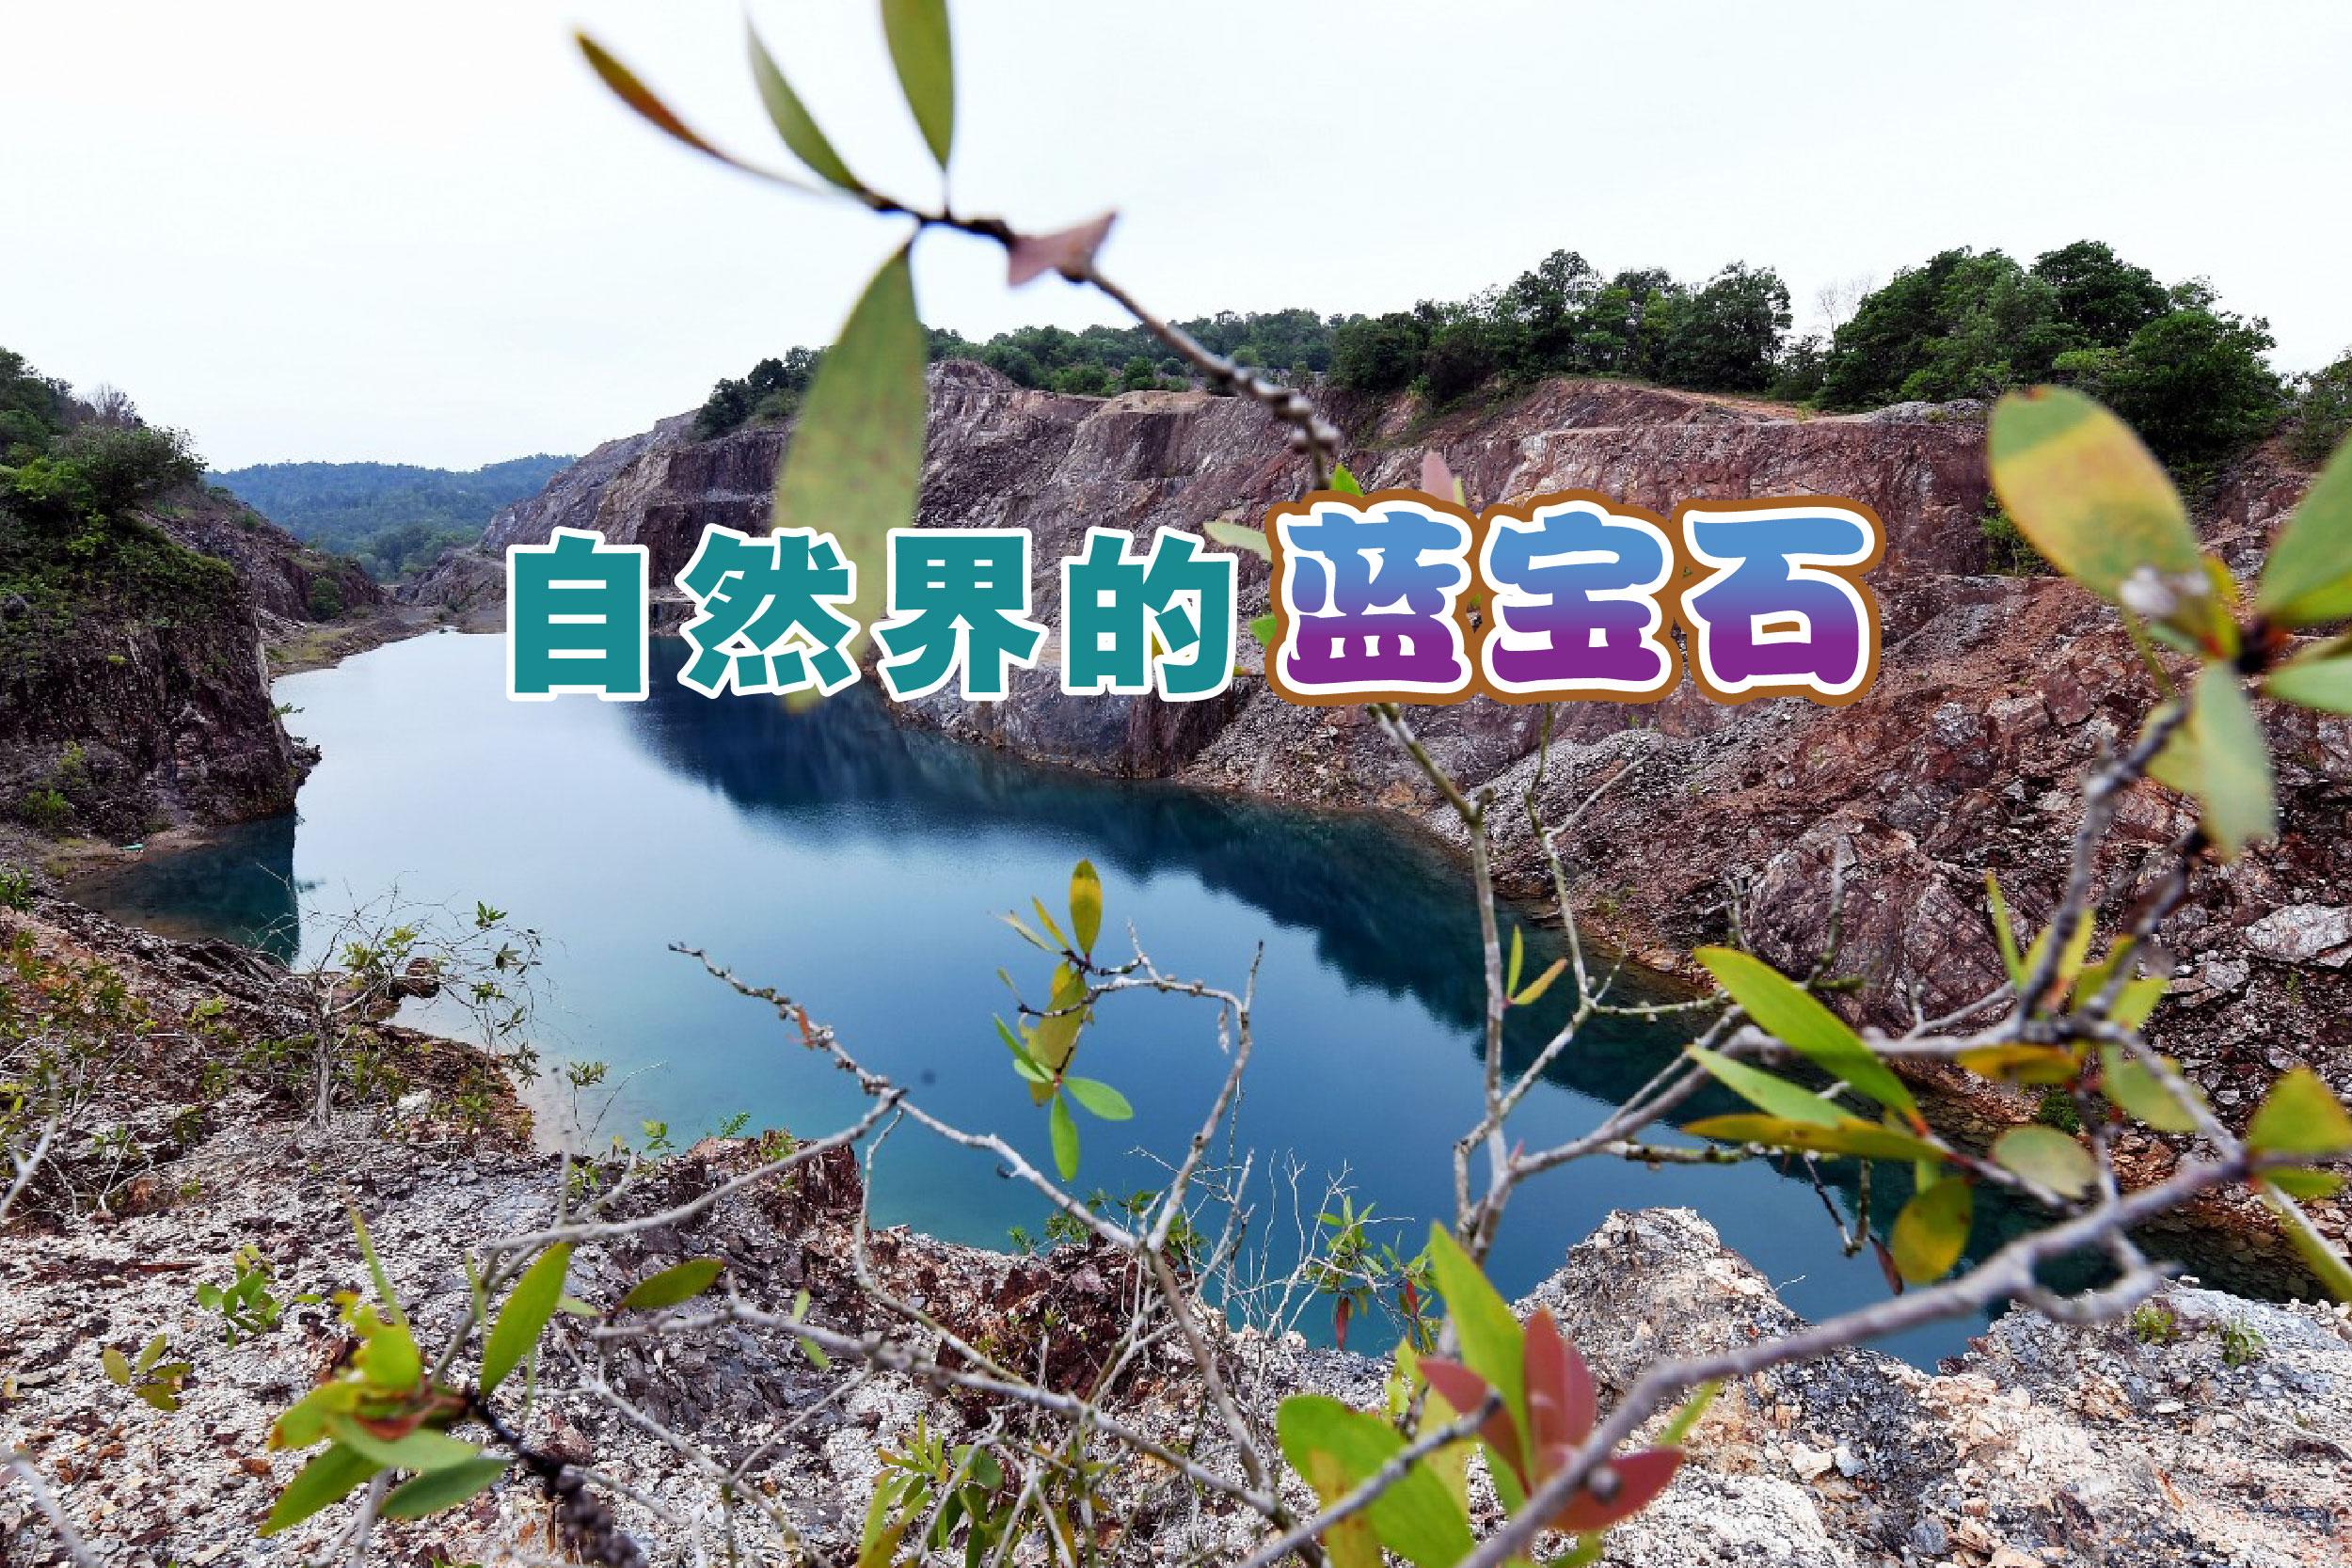 百事蓝湖的景色美的让人窒息。-马新社/精彩大马制图-